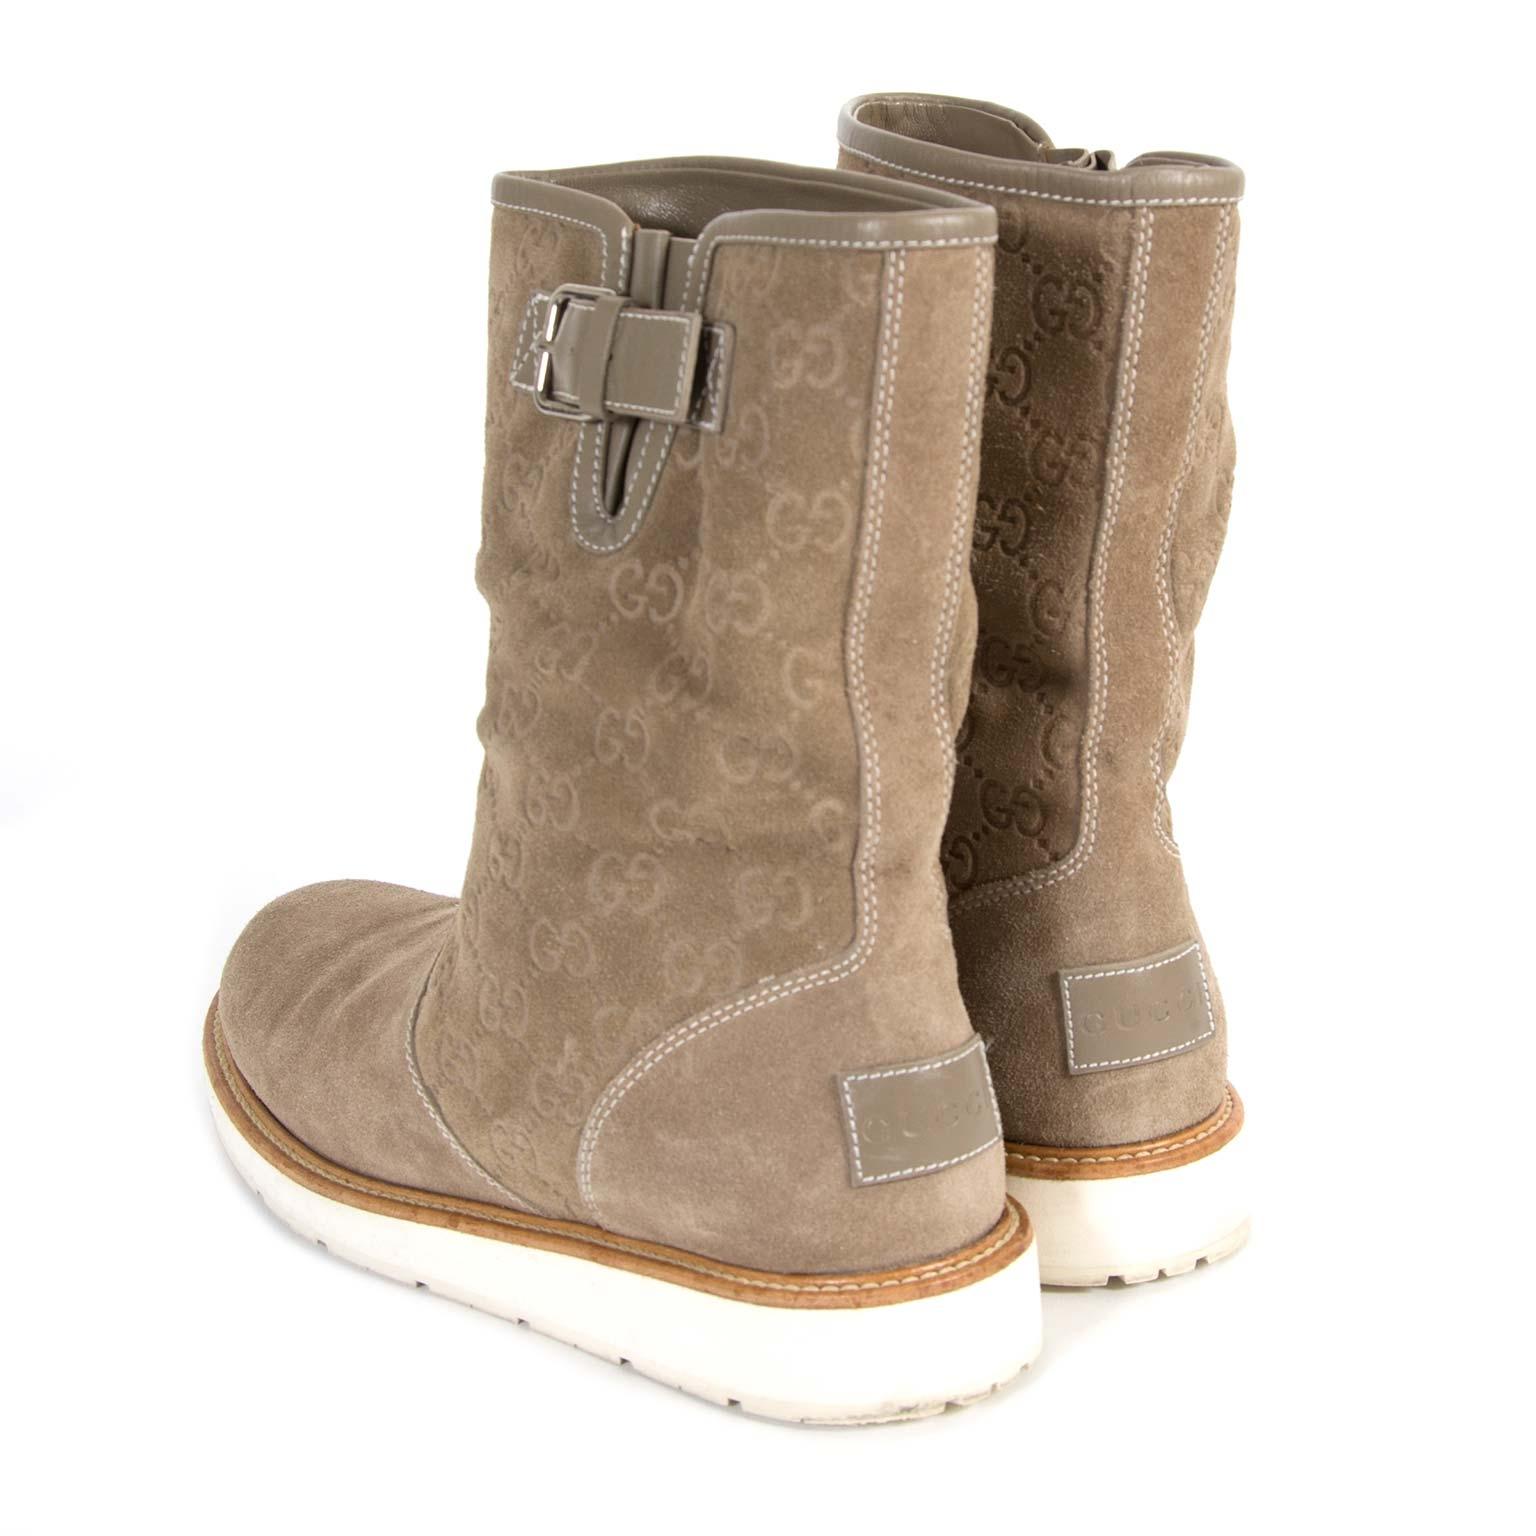 koop veilig online tweedehands Gucci Taupe Suede Monogram Boots - size 39